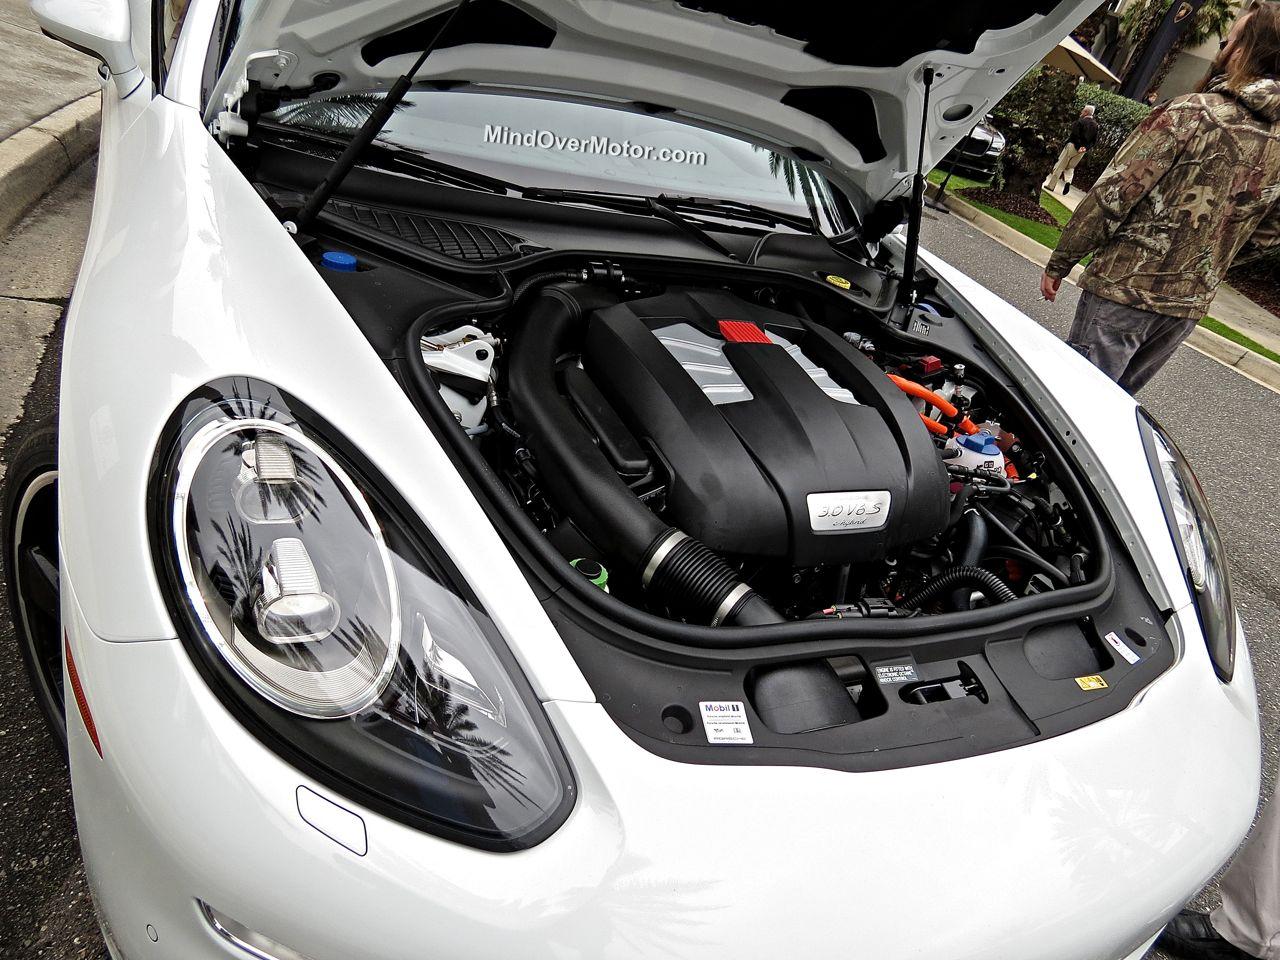 Porsche Panamera S E-Hybrid 3.0TFSI V6 Engine